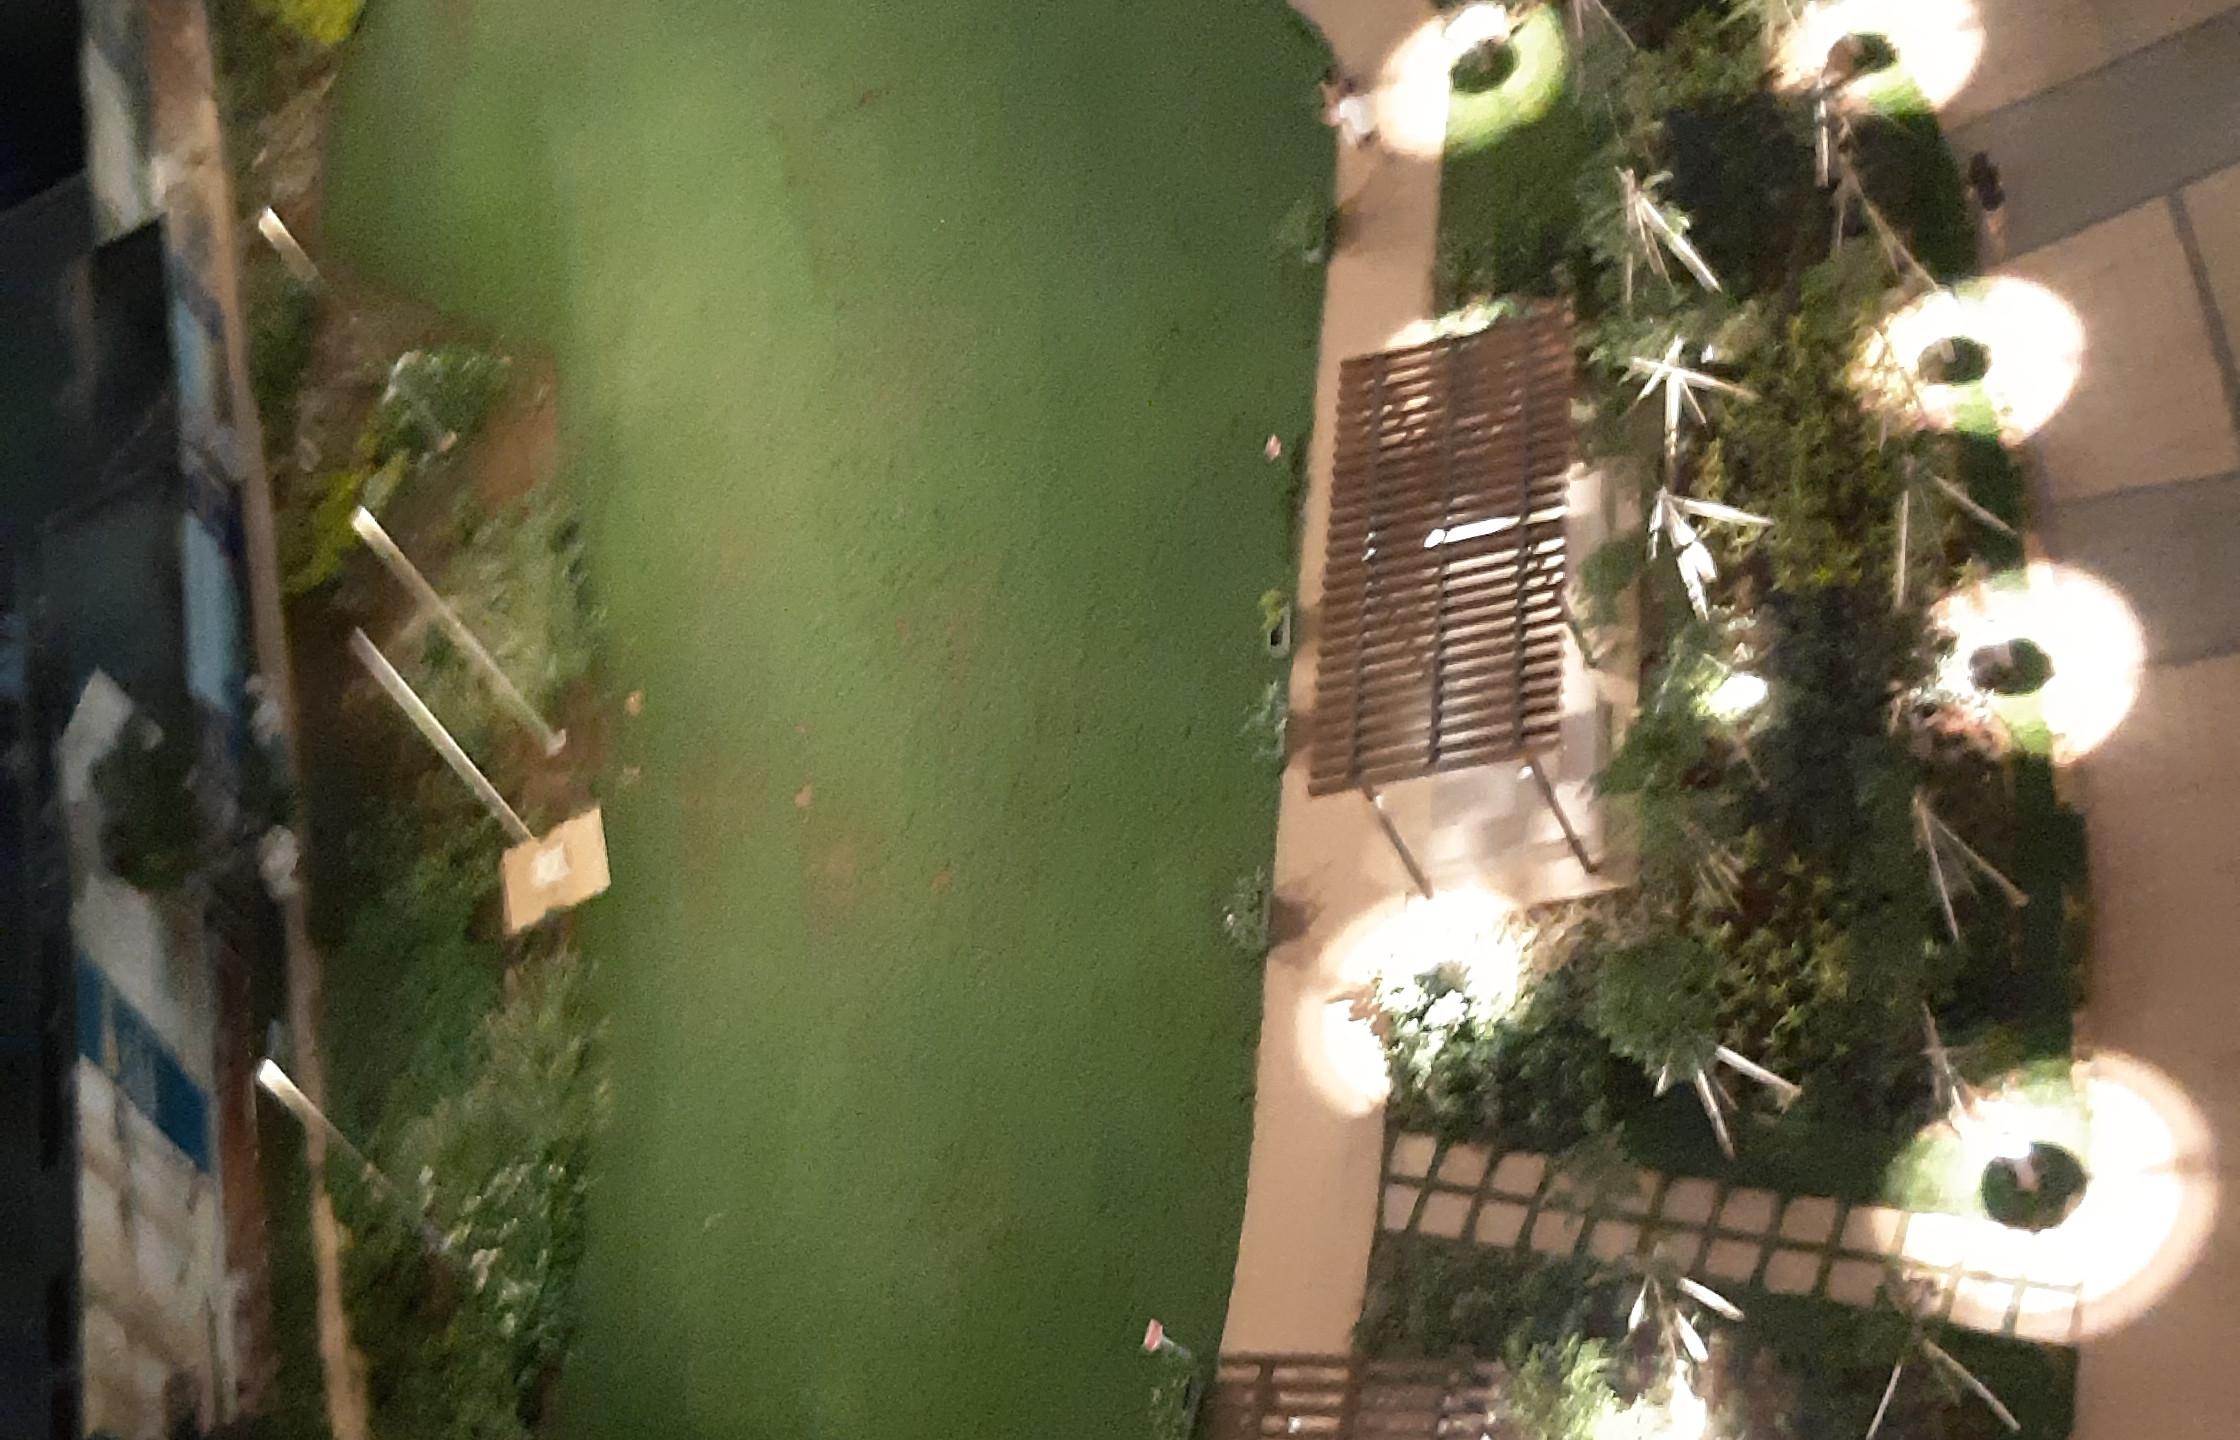 Arista Parel Garden View Night (3)